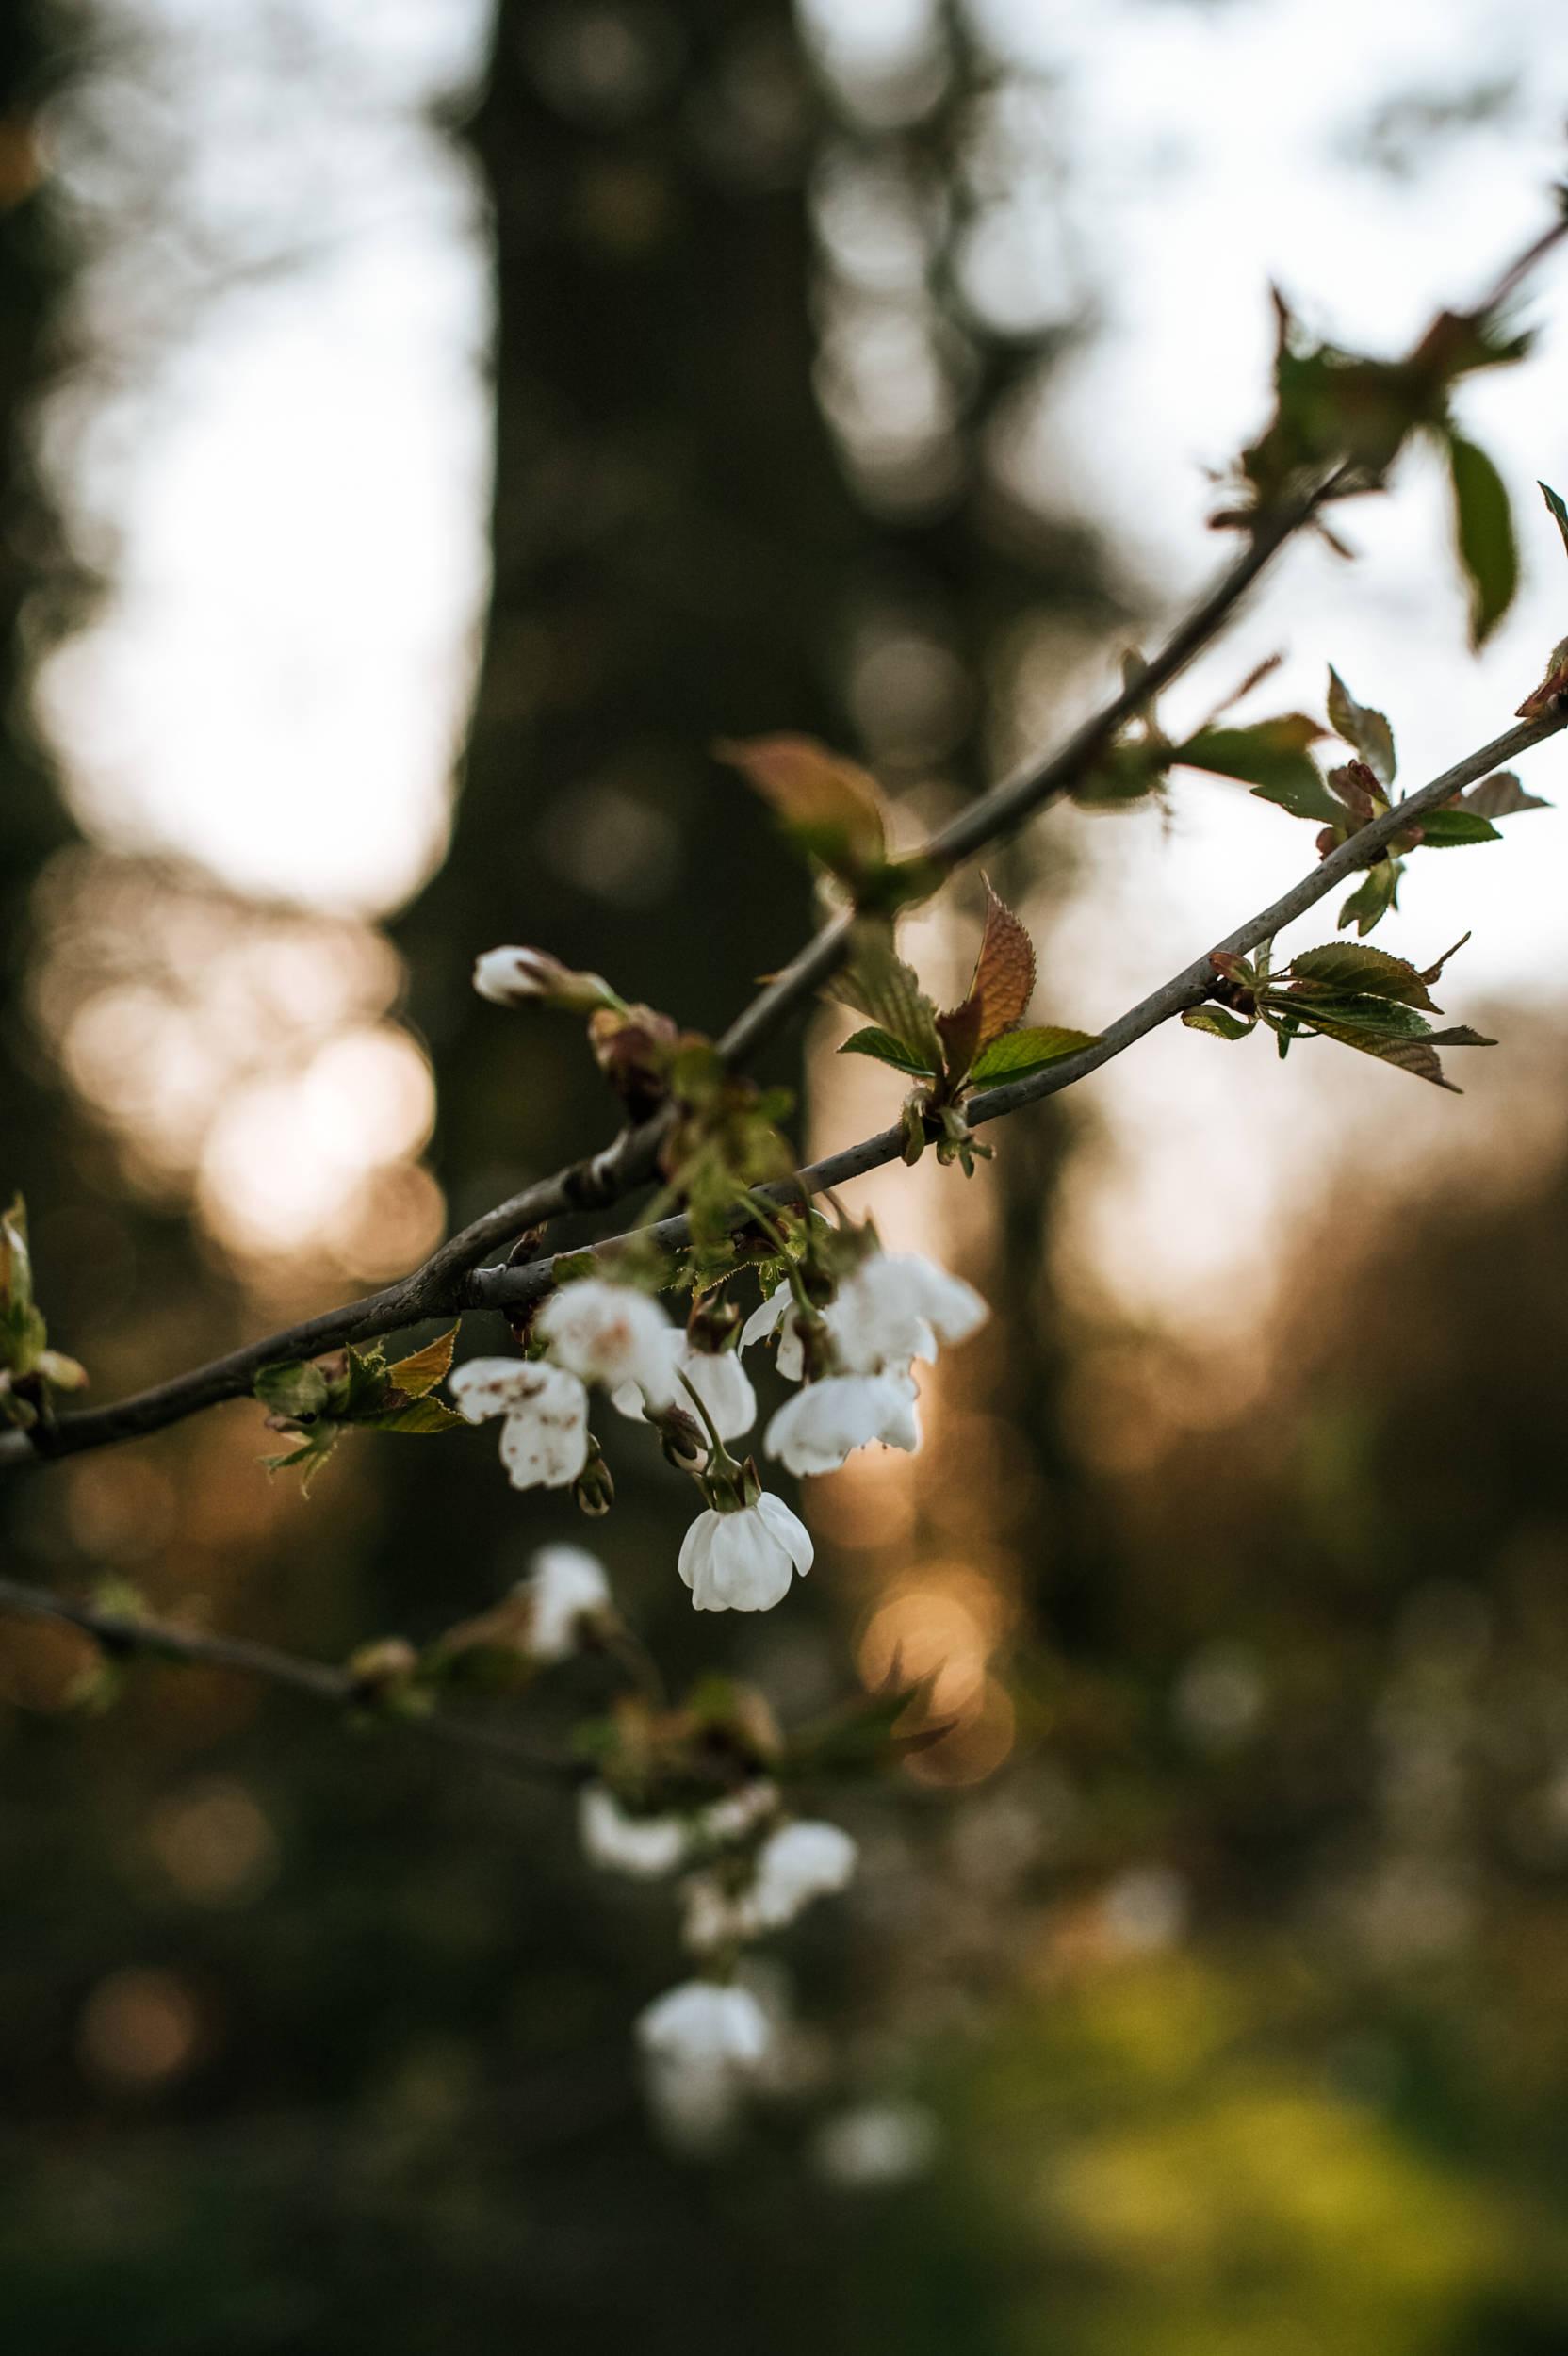 natuur fotografie